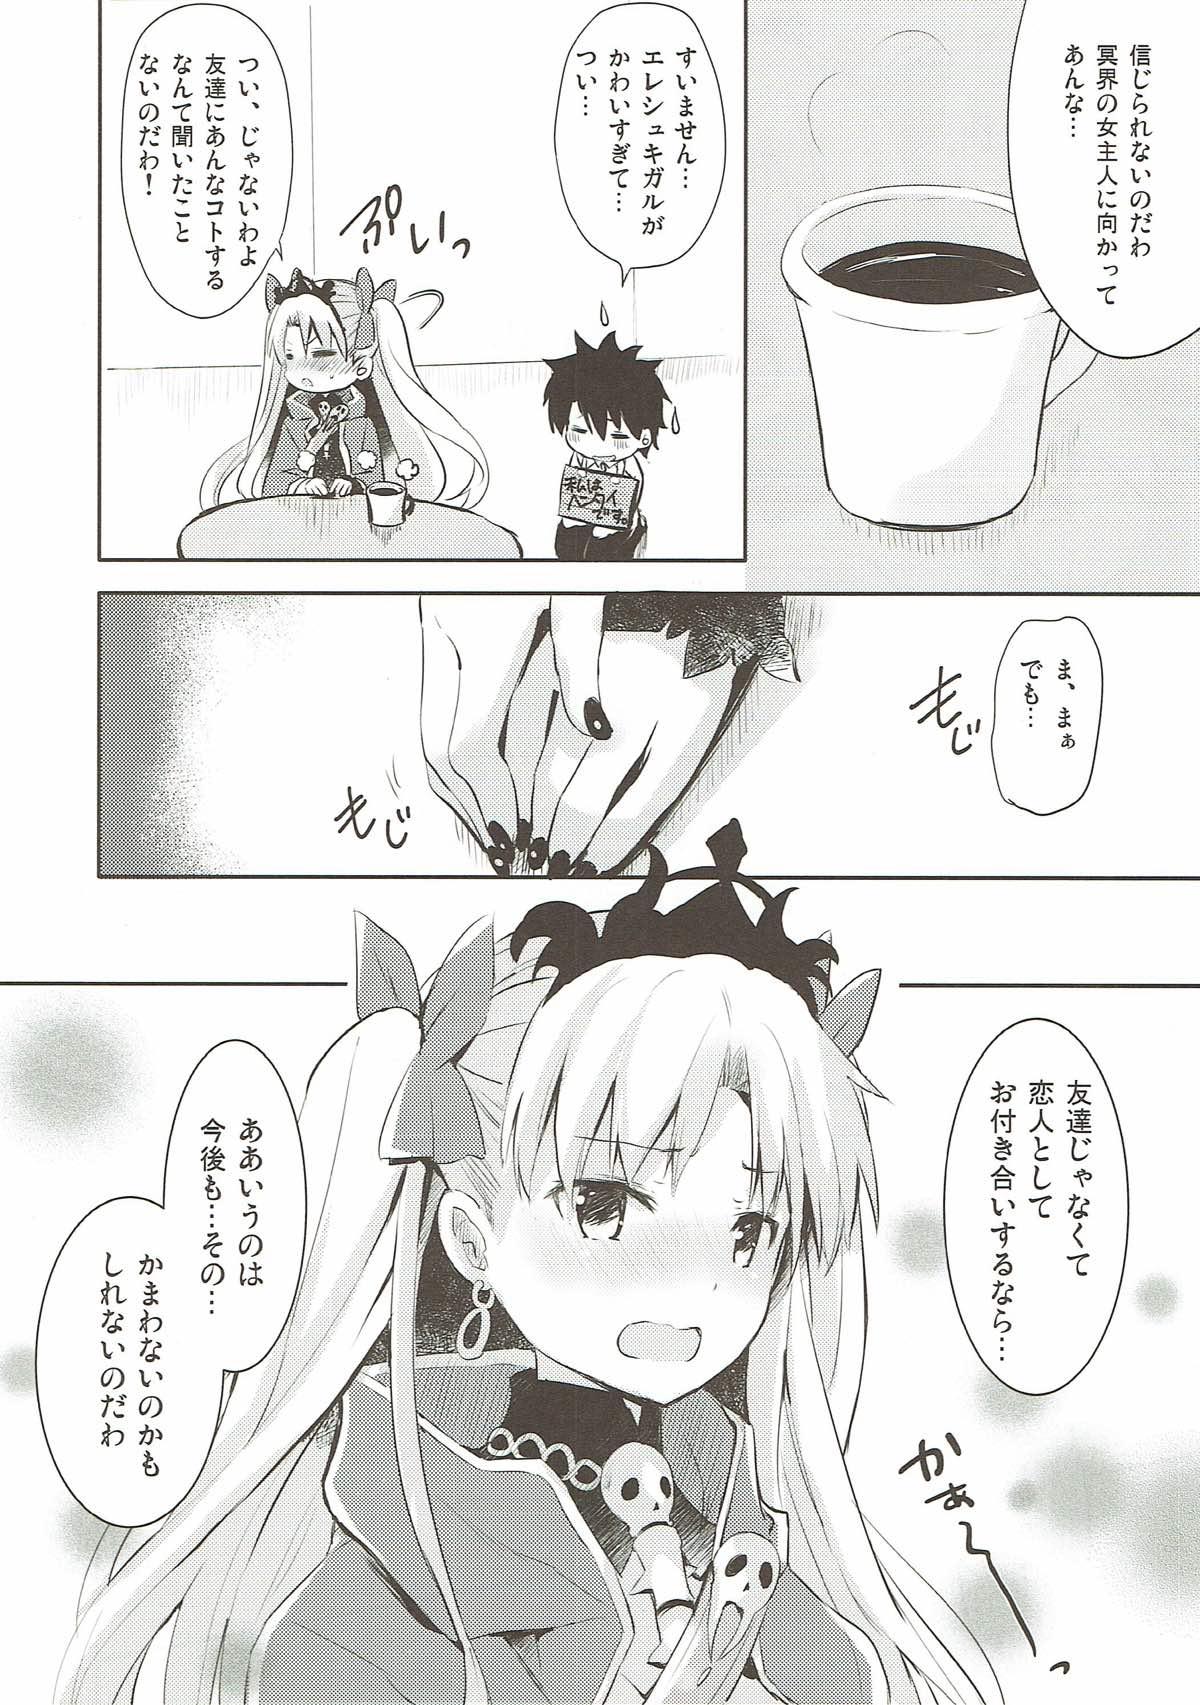 【FGO エロ漫画・エロ同人】マスター大好きエレちゃんのずっとドキドキしてる姿が可愛すぎる!!!!!!!! (18)